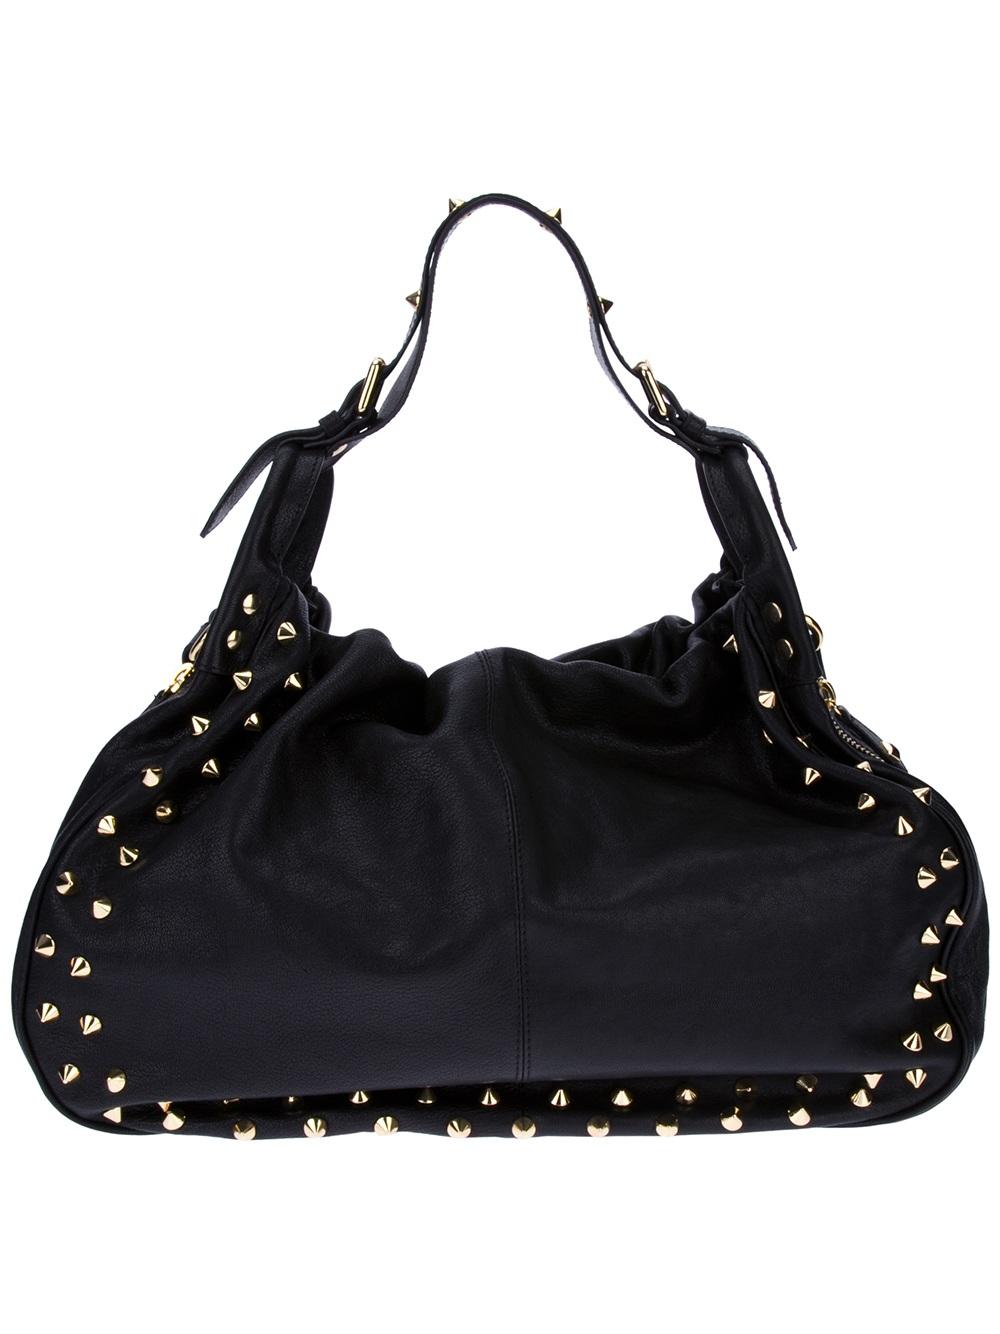 2090c4d7f3 Balmain Studded Shoulder Bag in Black - Lyst